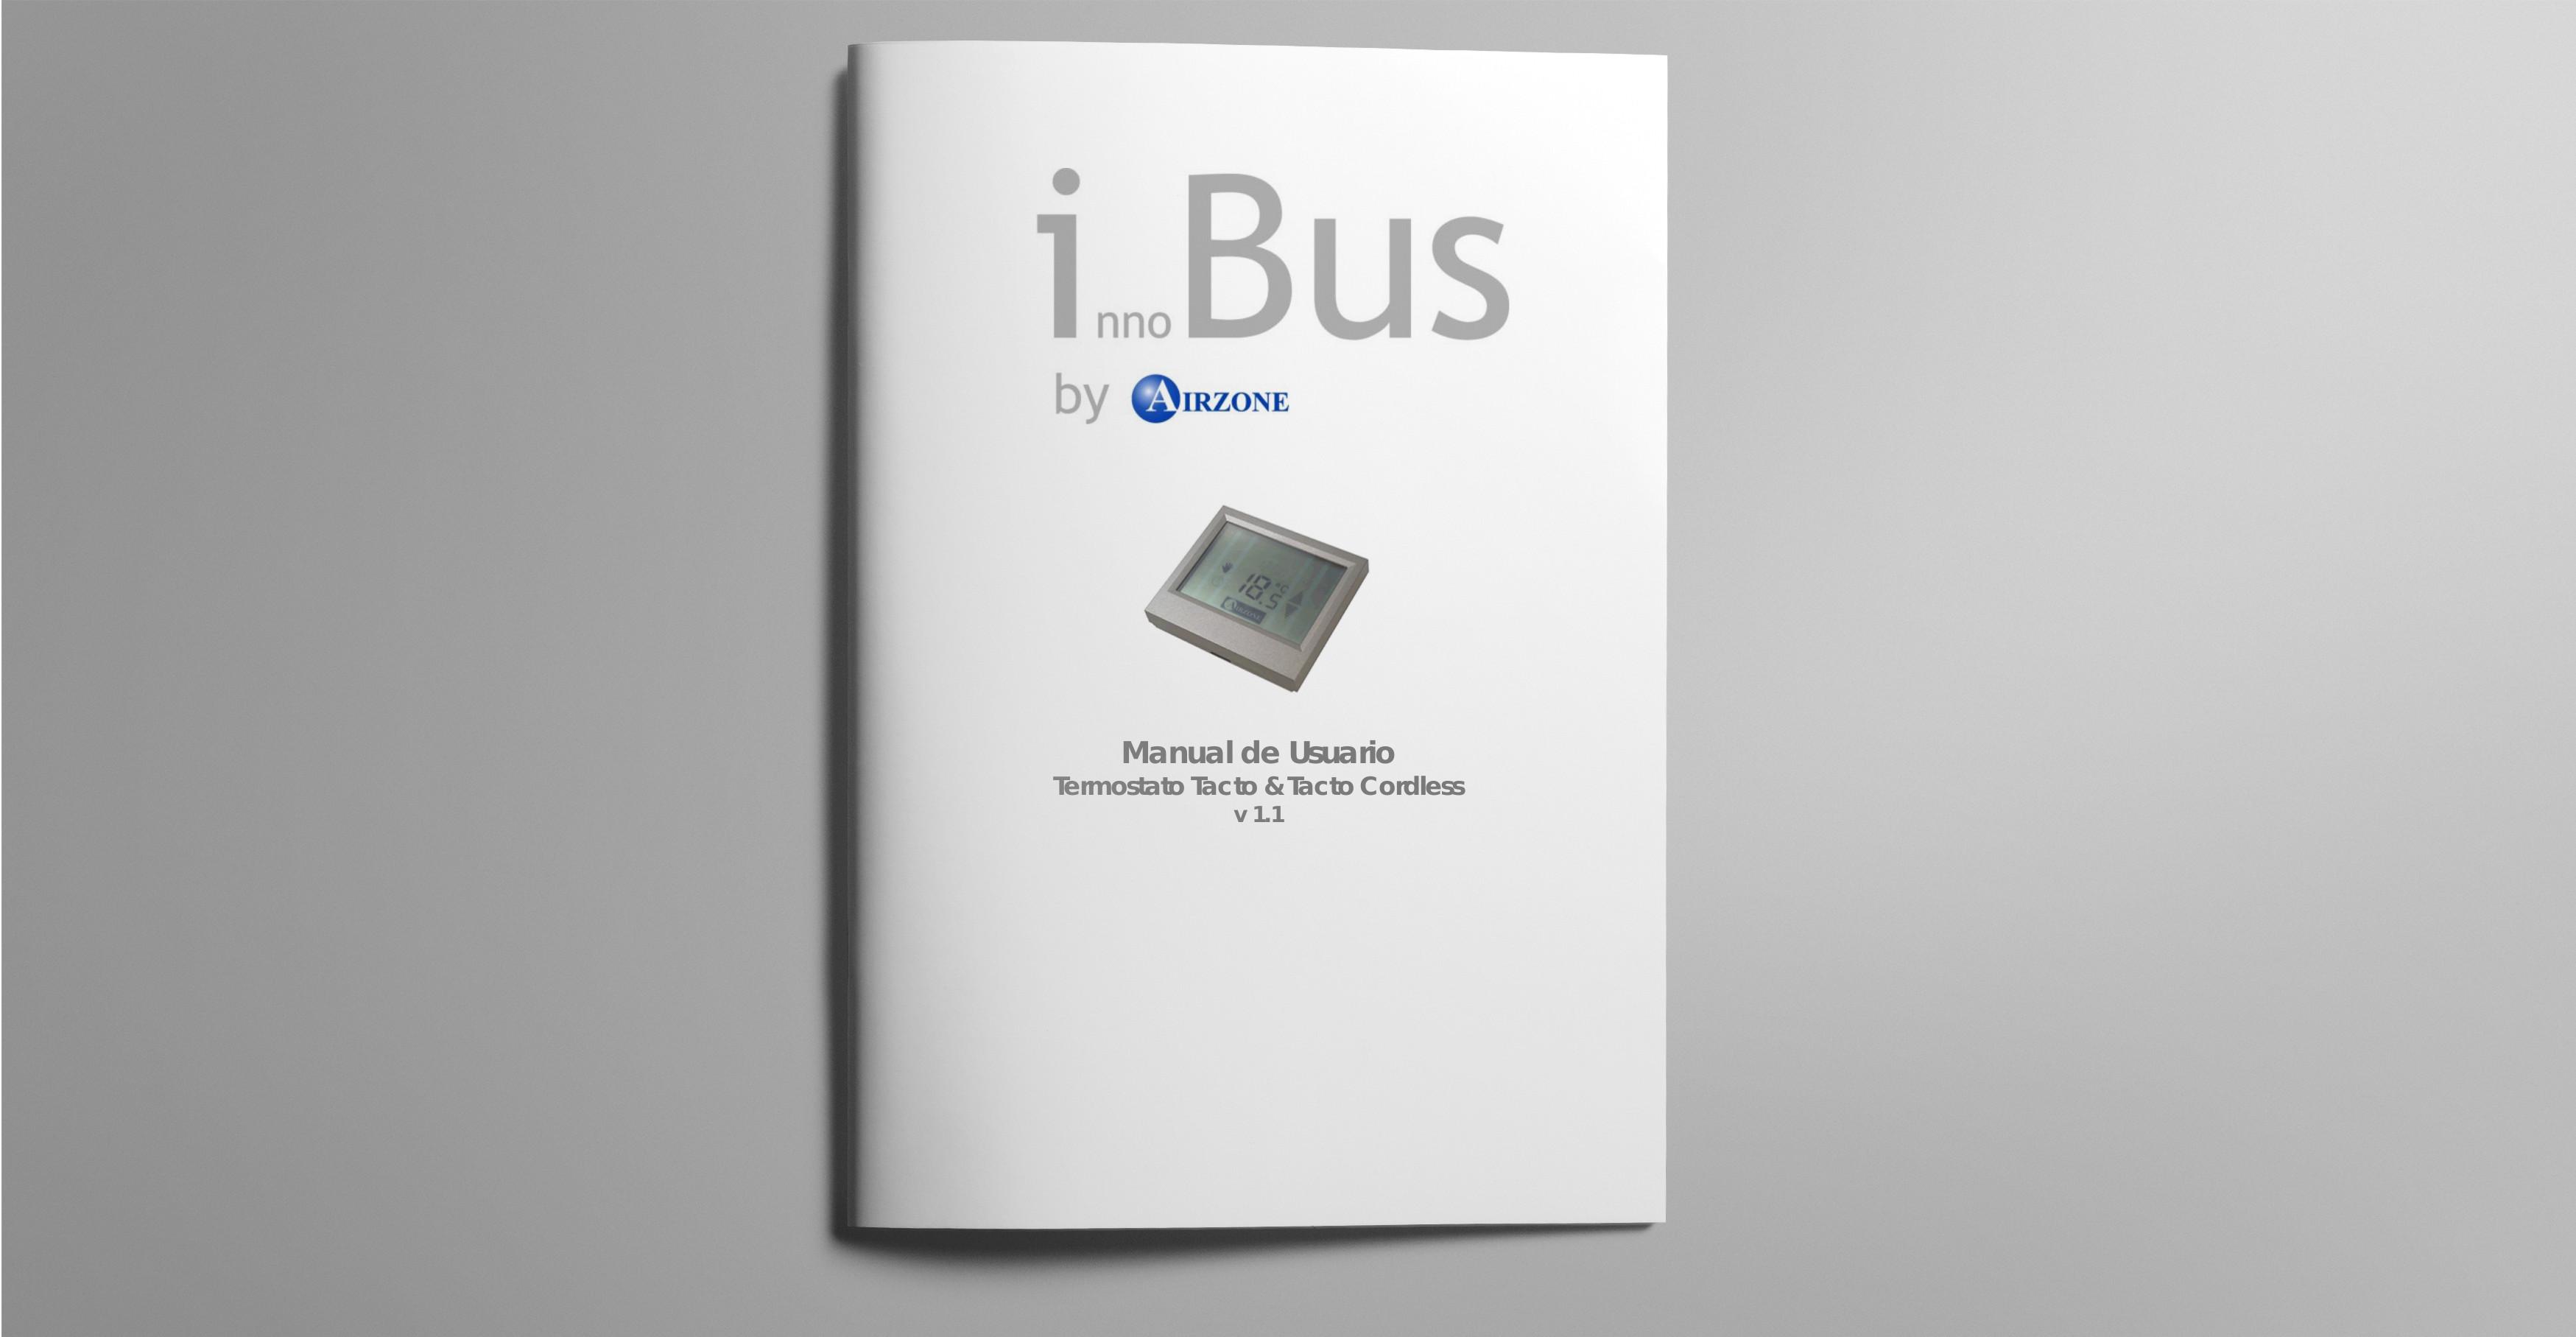 Manual de uso innobus (2005-2011)